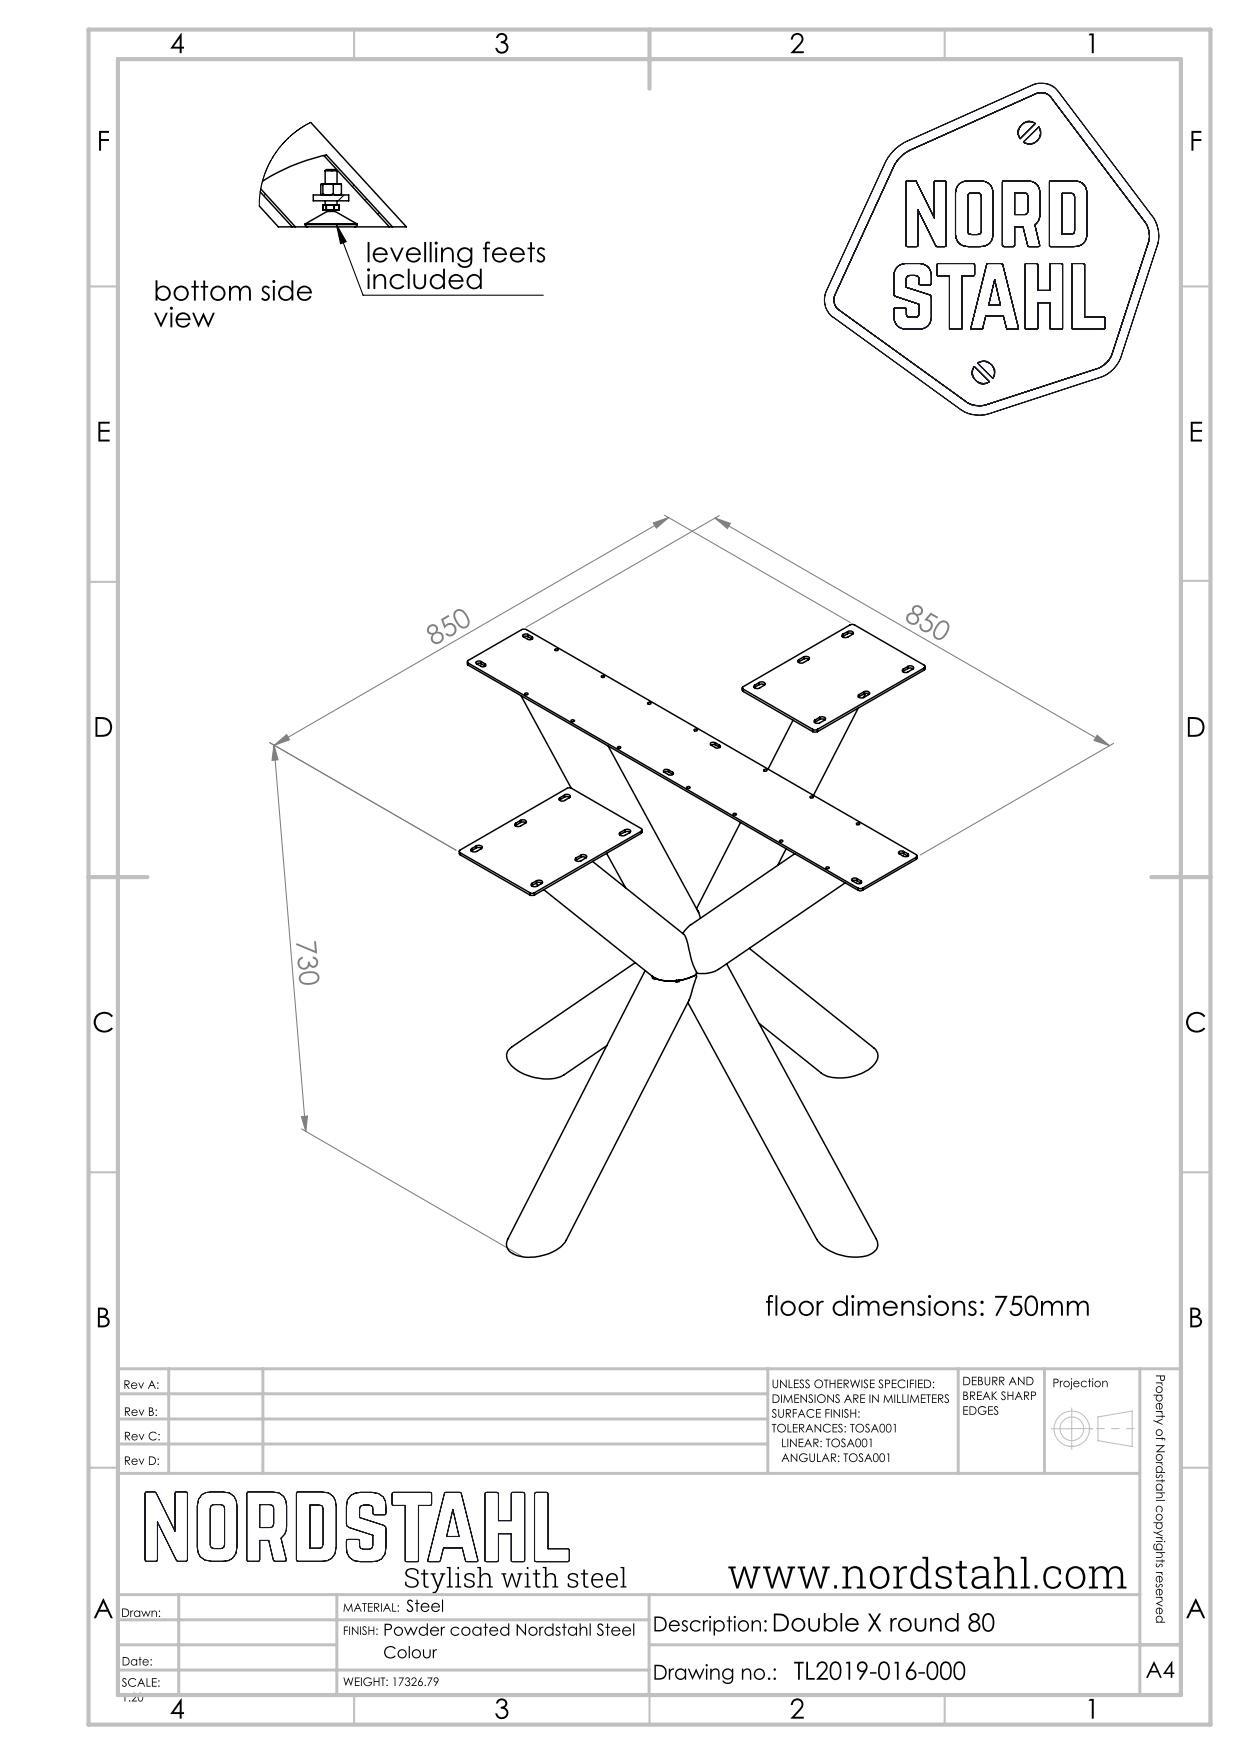 Nordstahl Double X round technische tekening